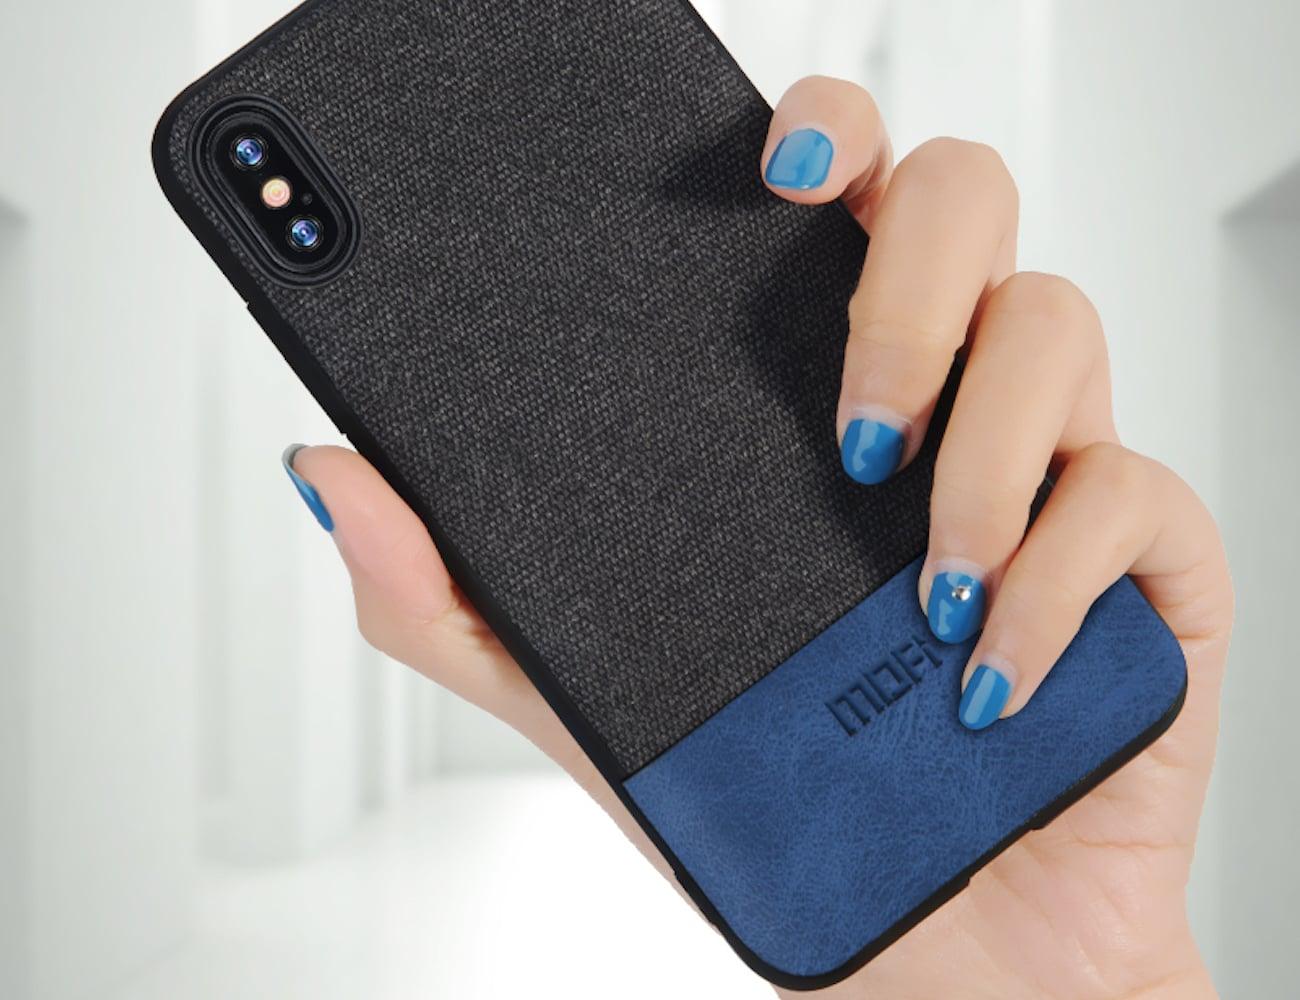 Iphonex Phone Cases: MOFI Silicone Edge IPhone X Case » Gadget Flow